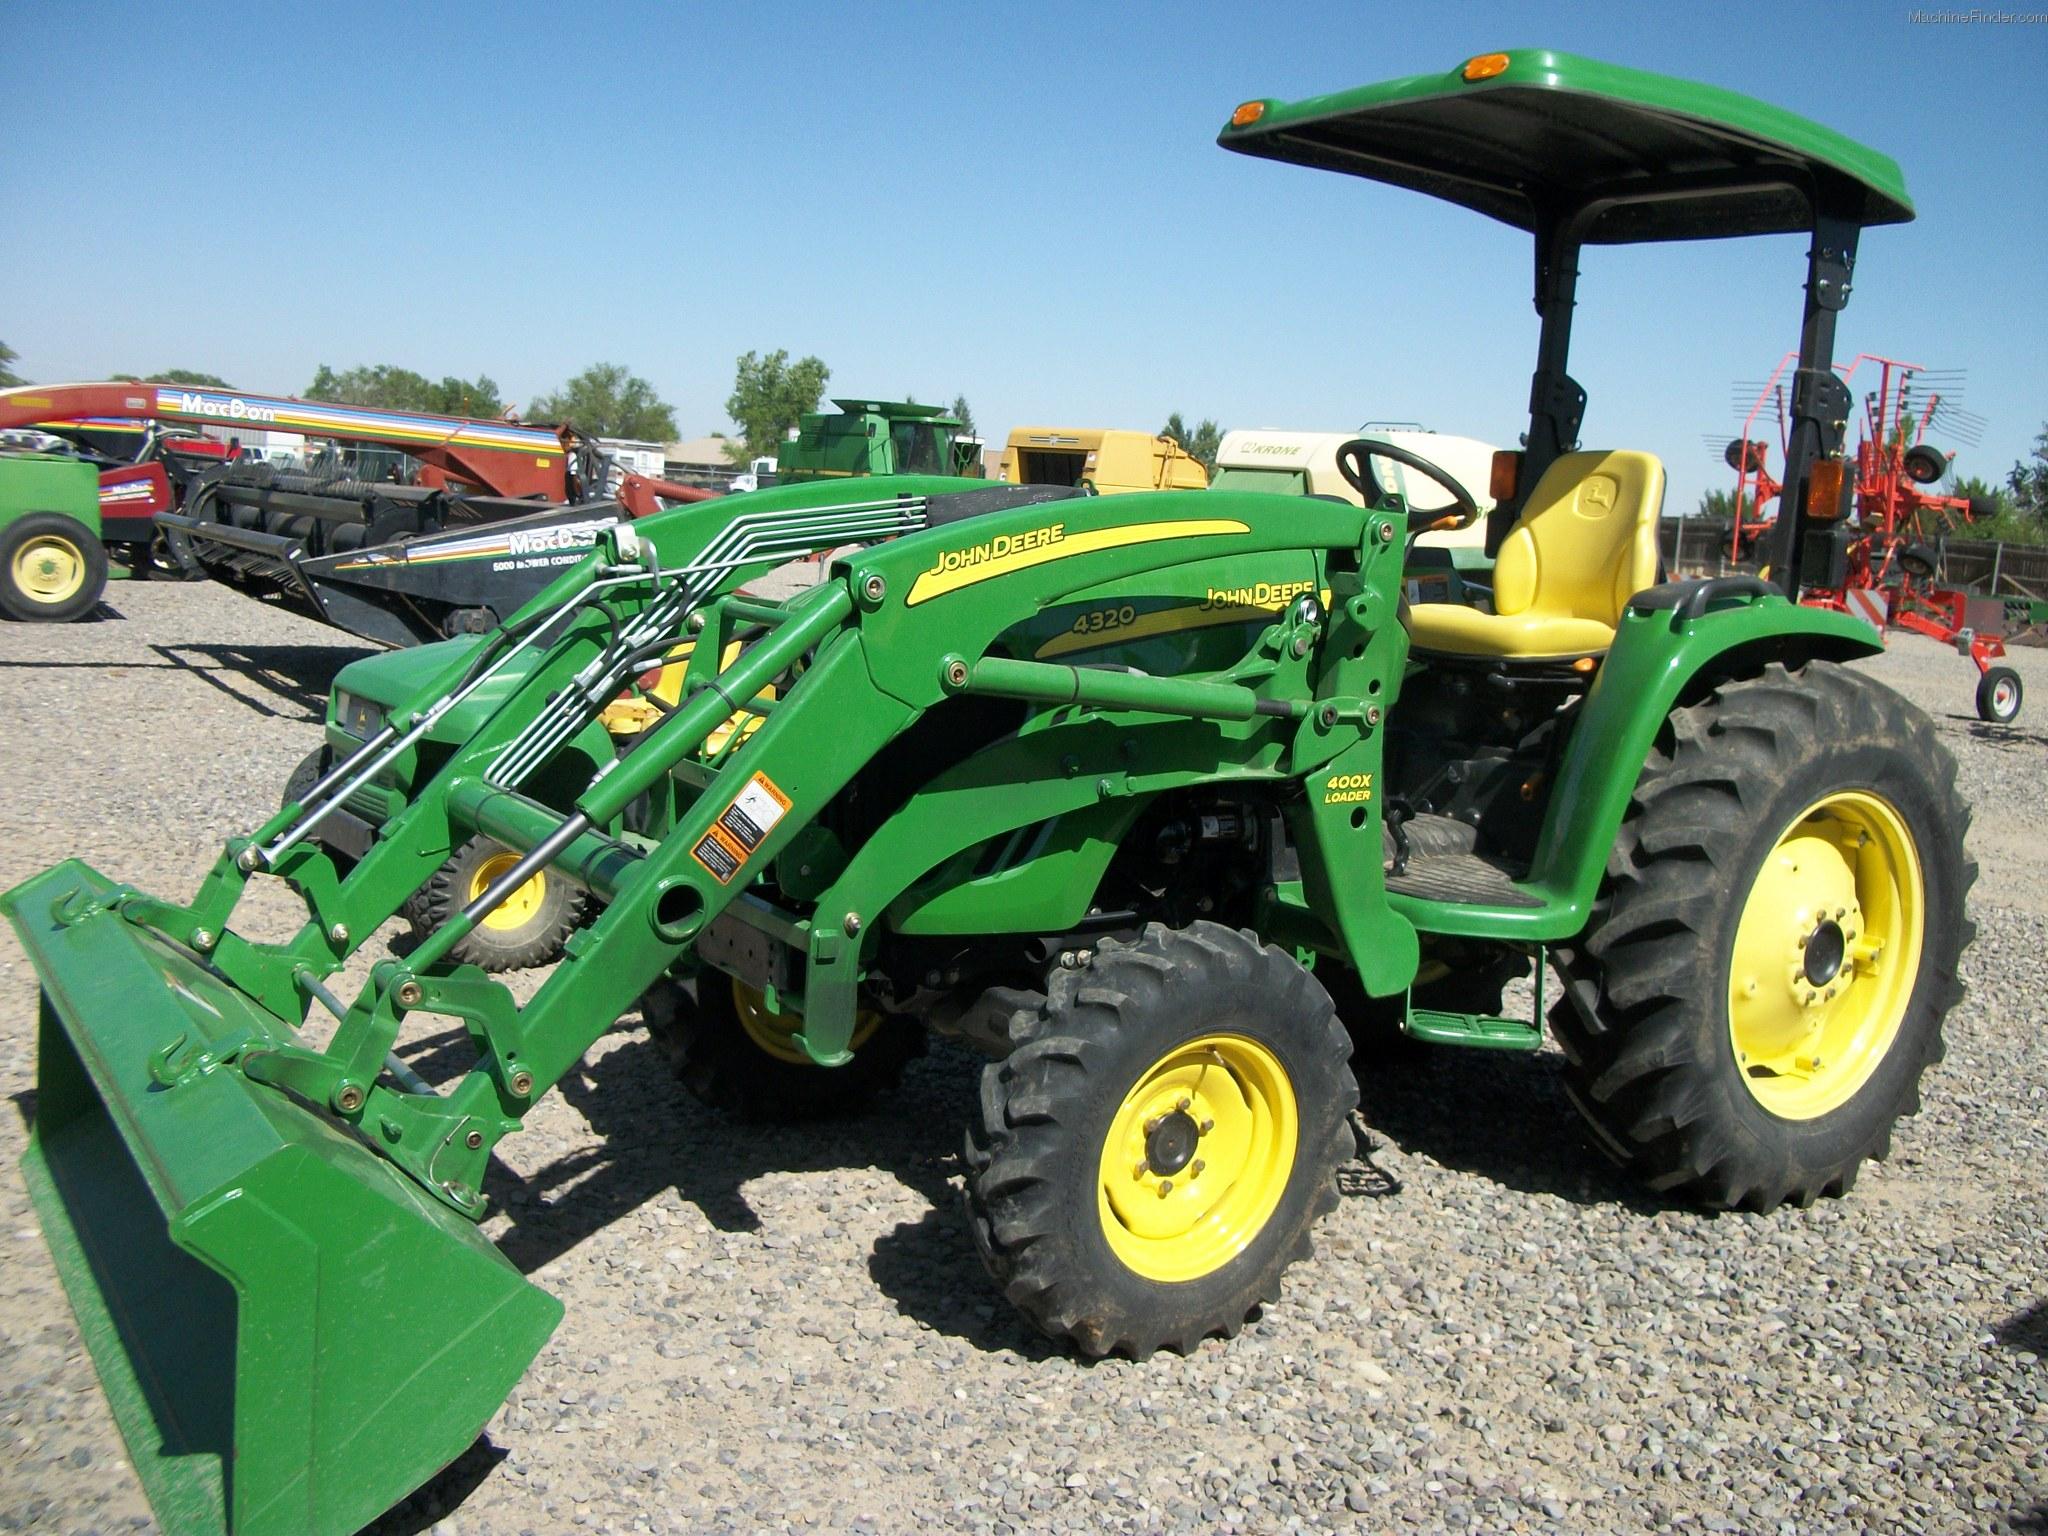 2008 John Deere 4320 Tractors - Row Crop (+100hp) - John ...